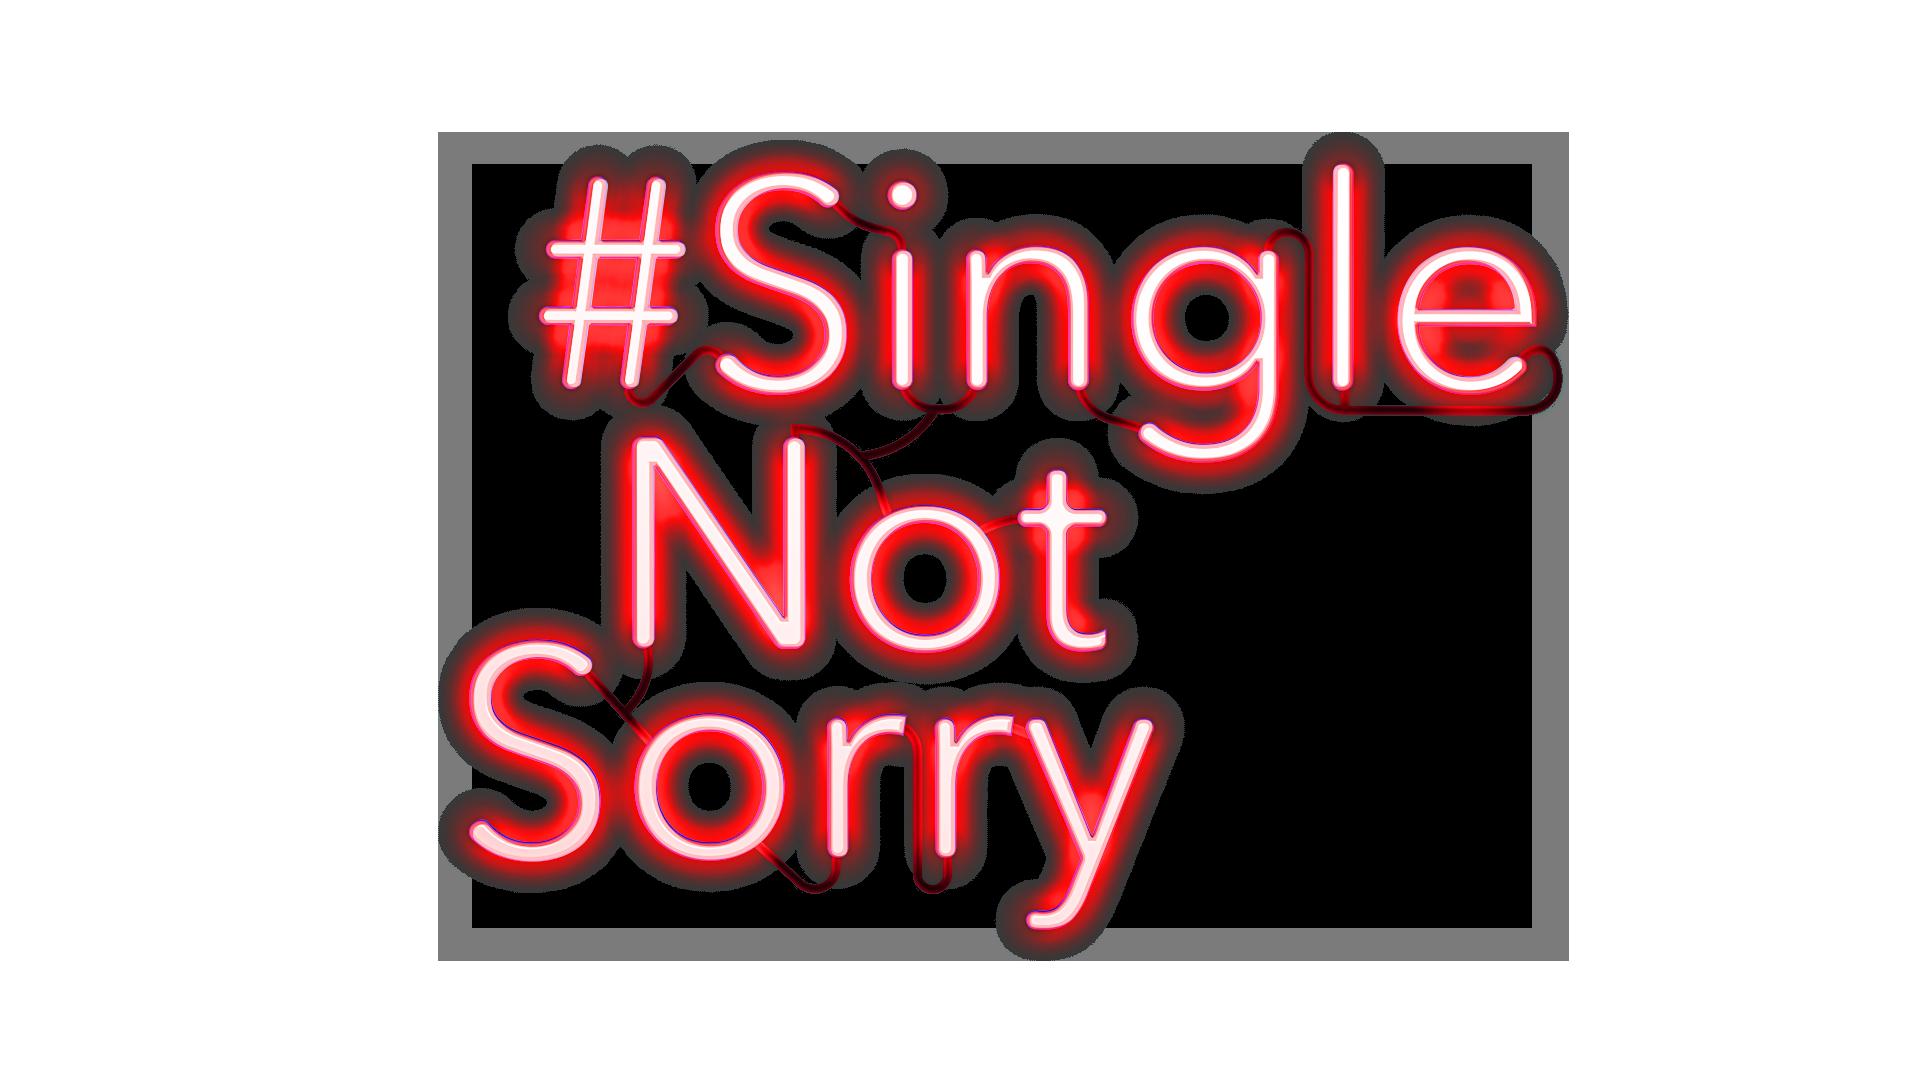 singlenotsorry